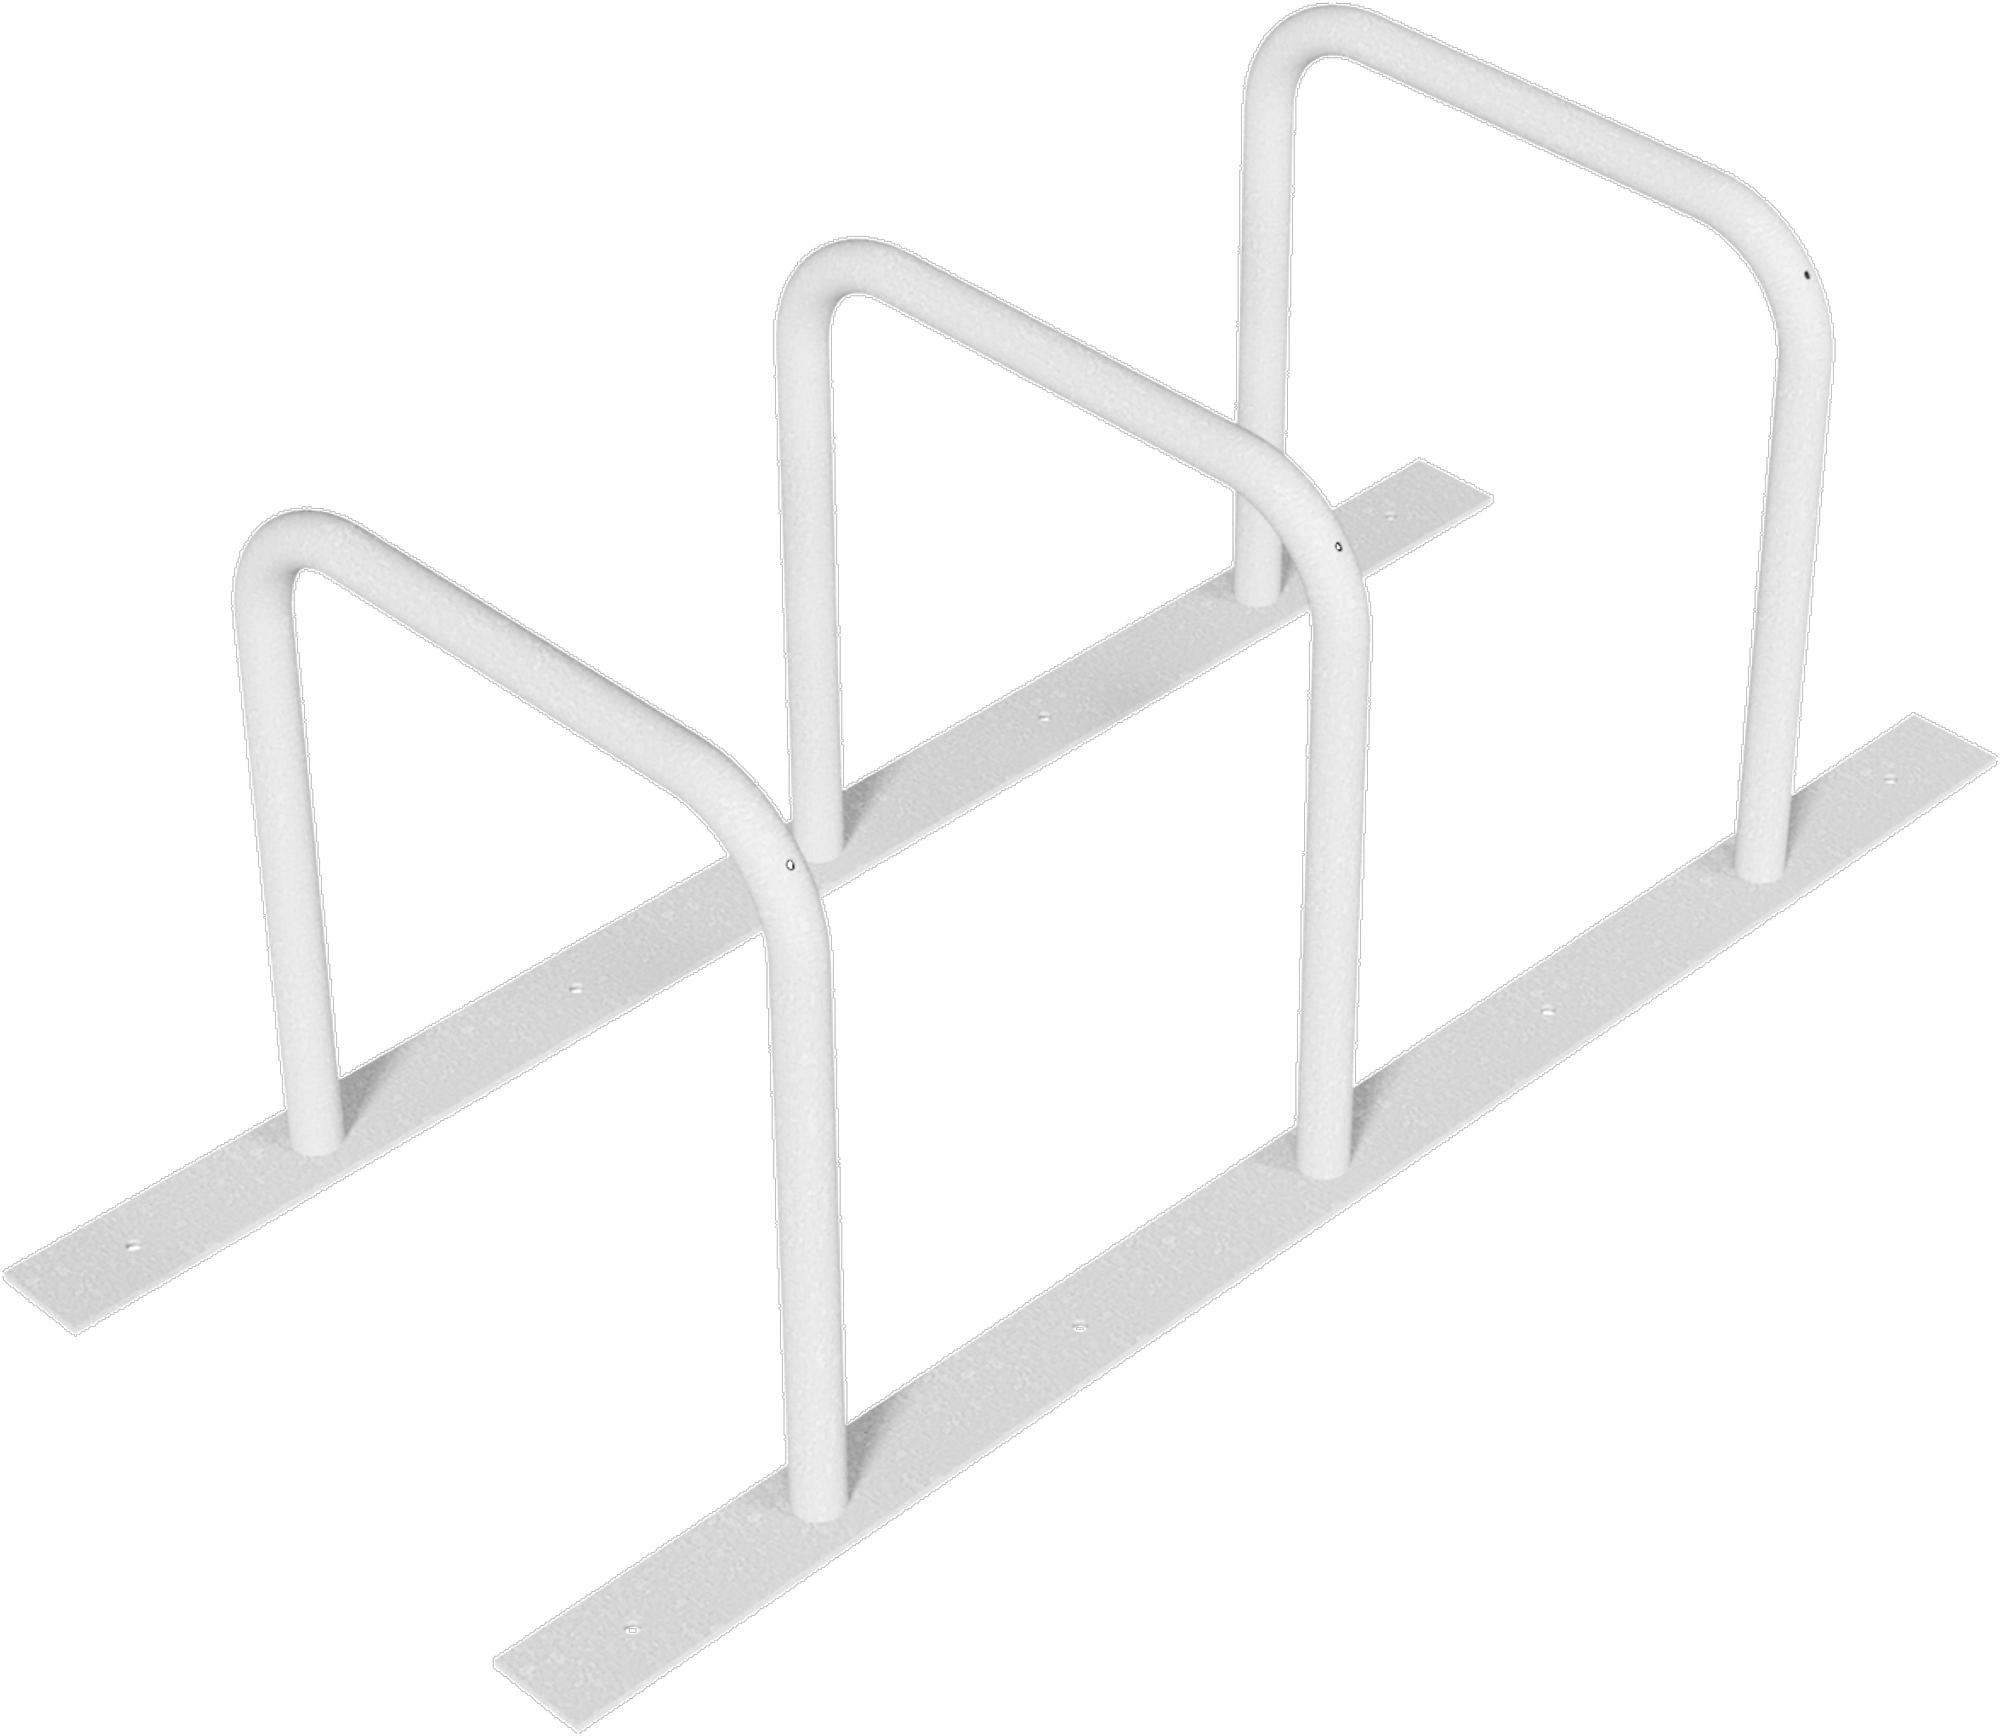 Schake Fahrradständer Anlehnbügel verschweißt Stahl OD Ø 48 mm - 3 Einstellplätze